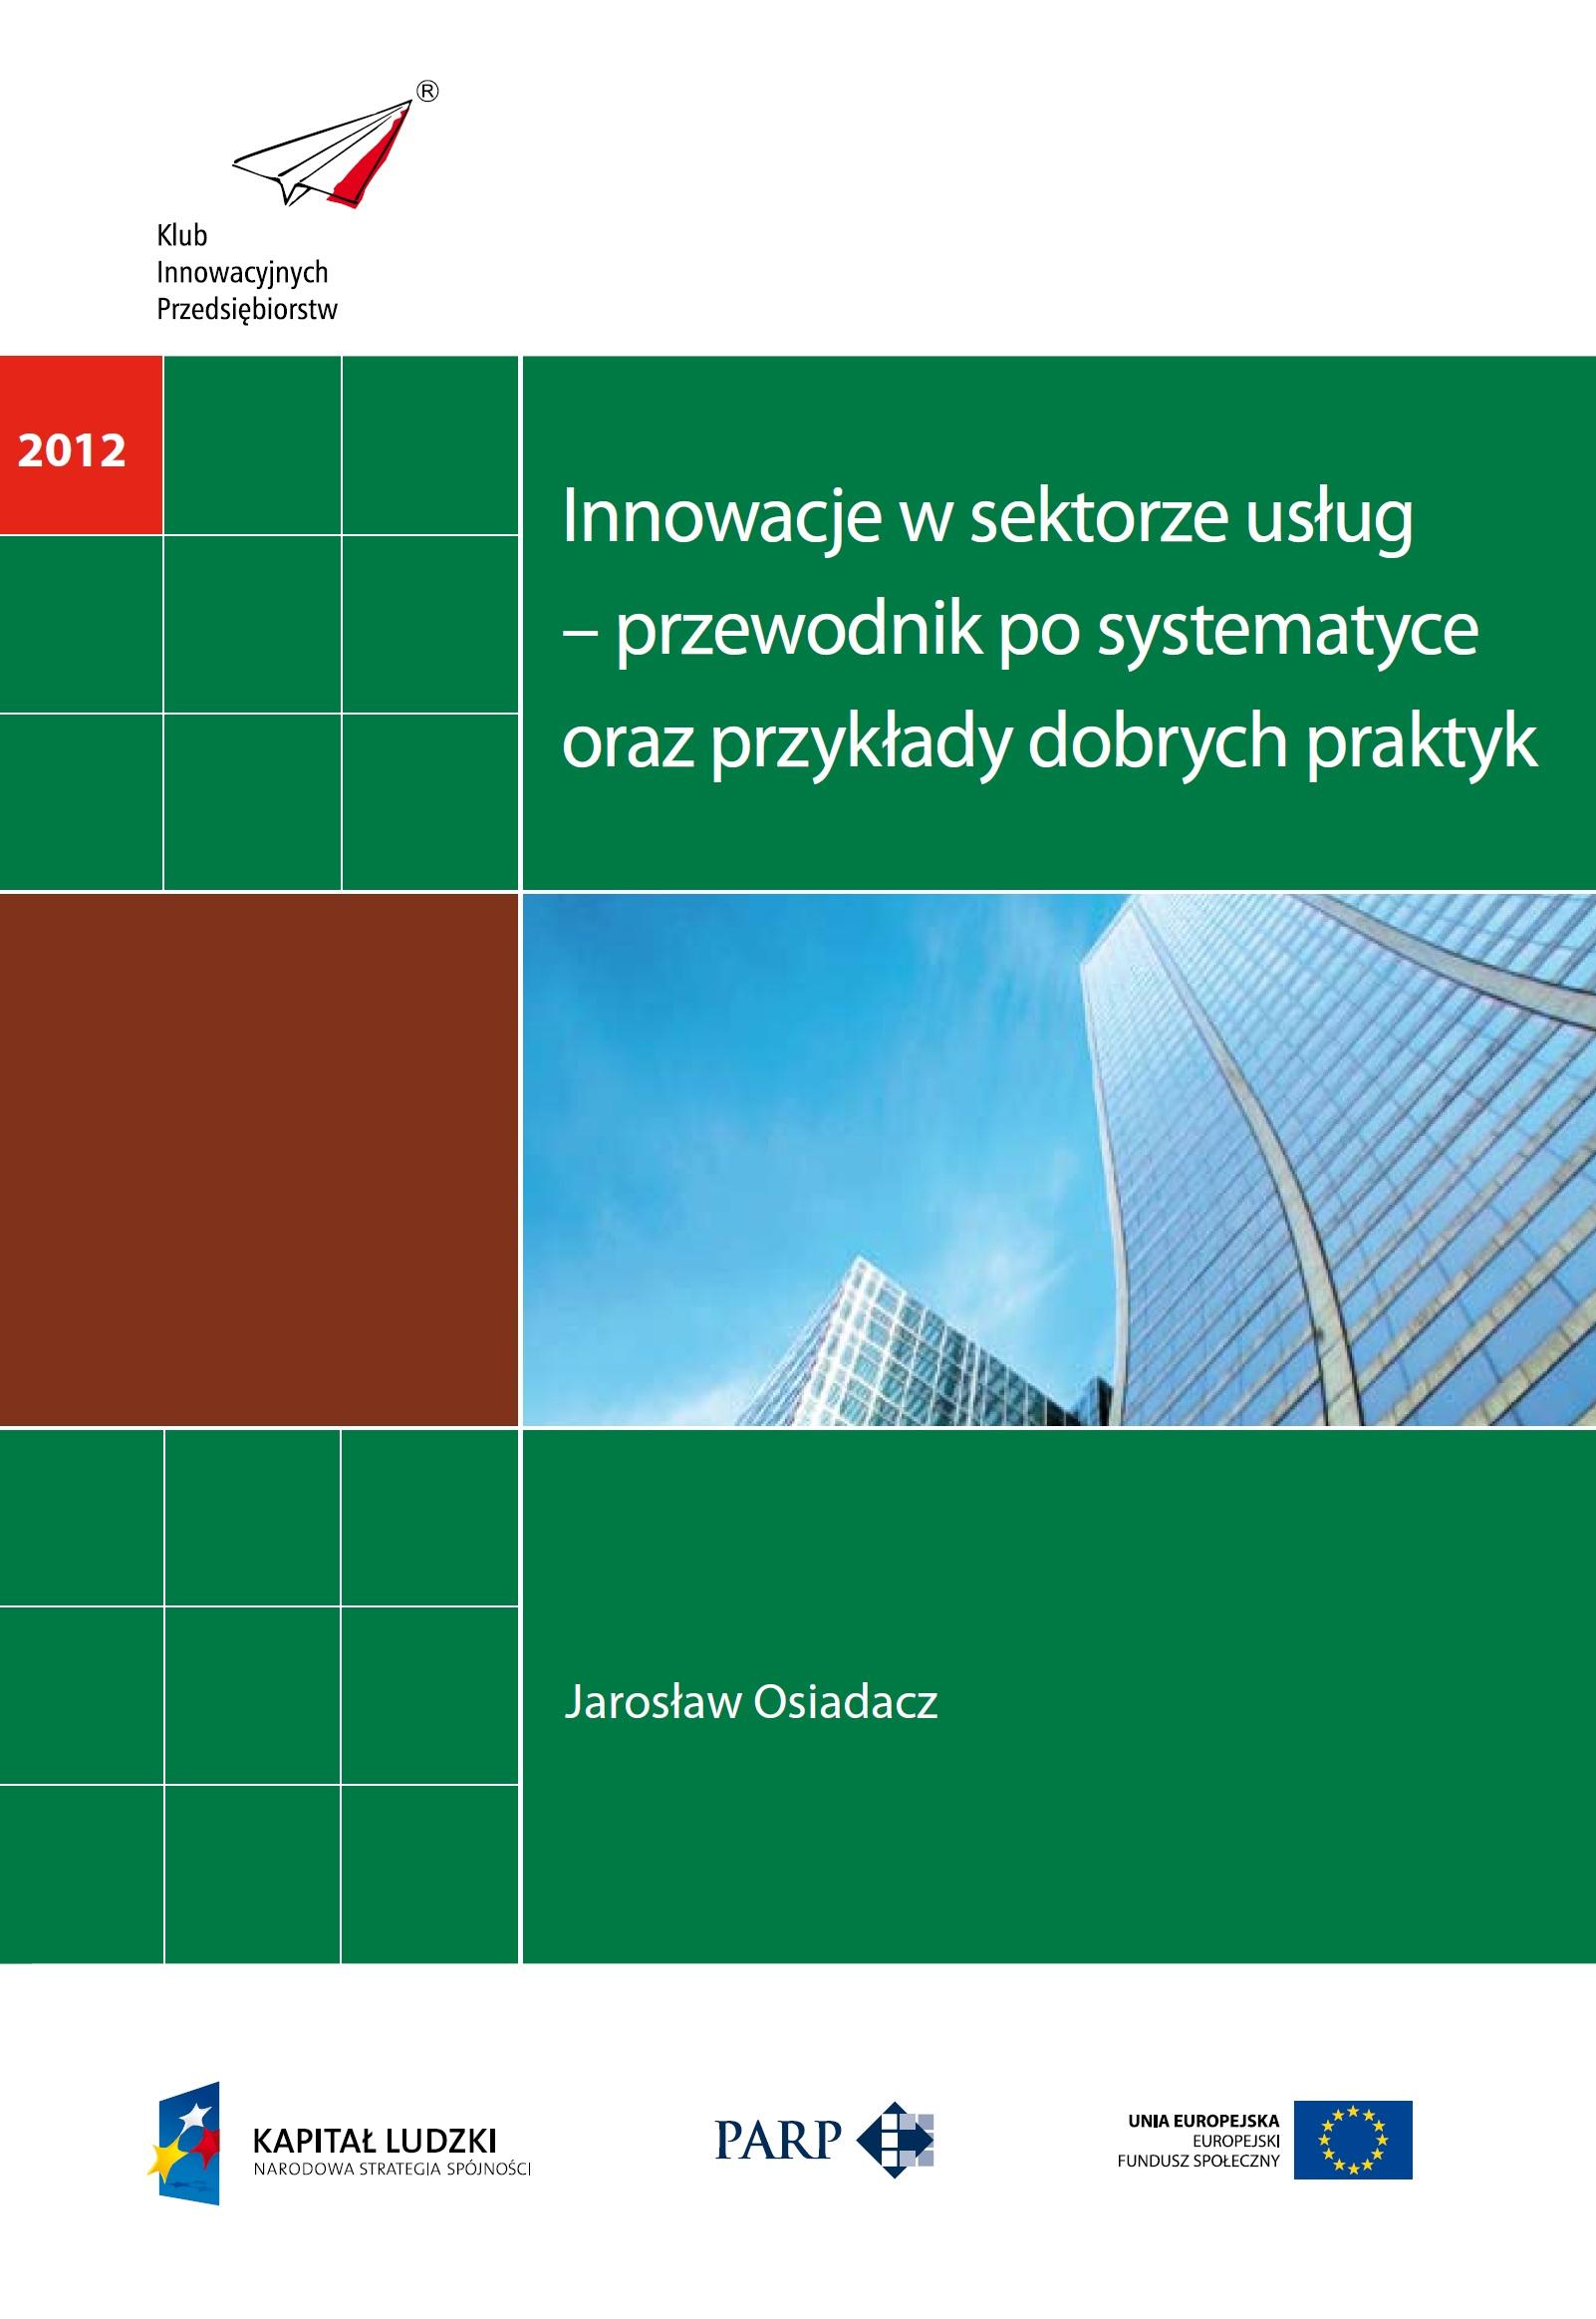 Innowacje w sektorze usług - przewodnik po systematyce oraz przykłady dobrych praktyk